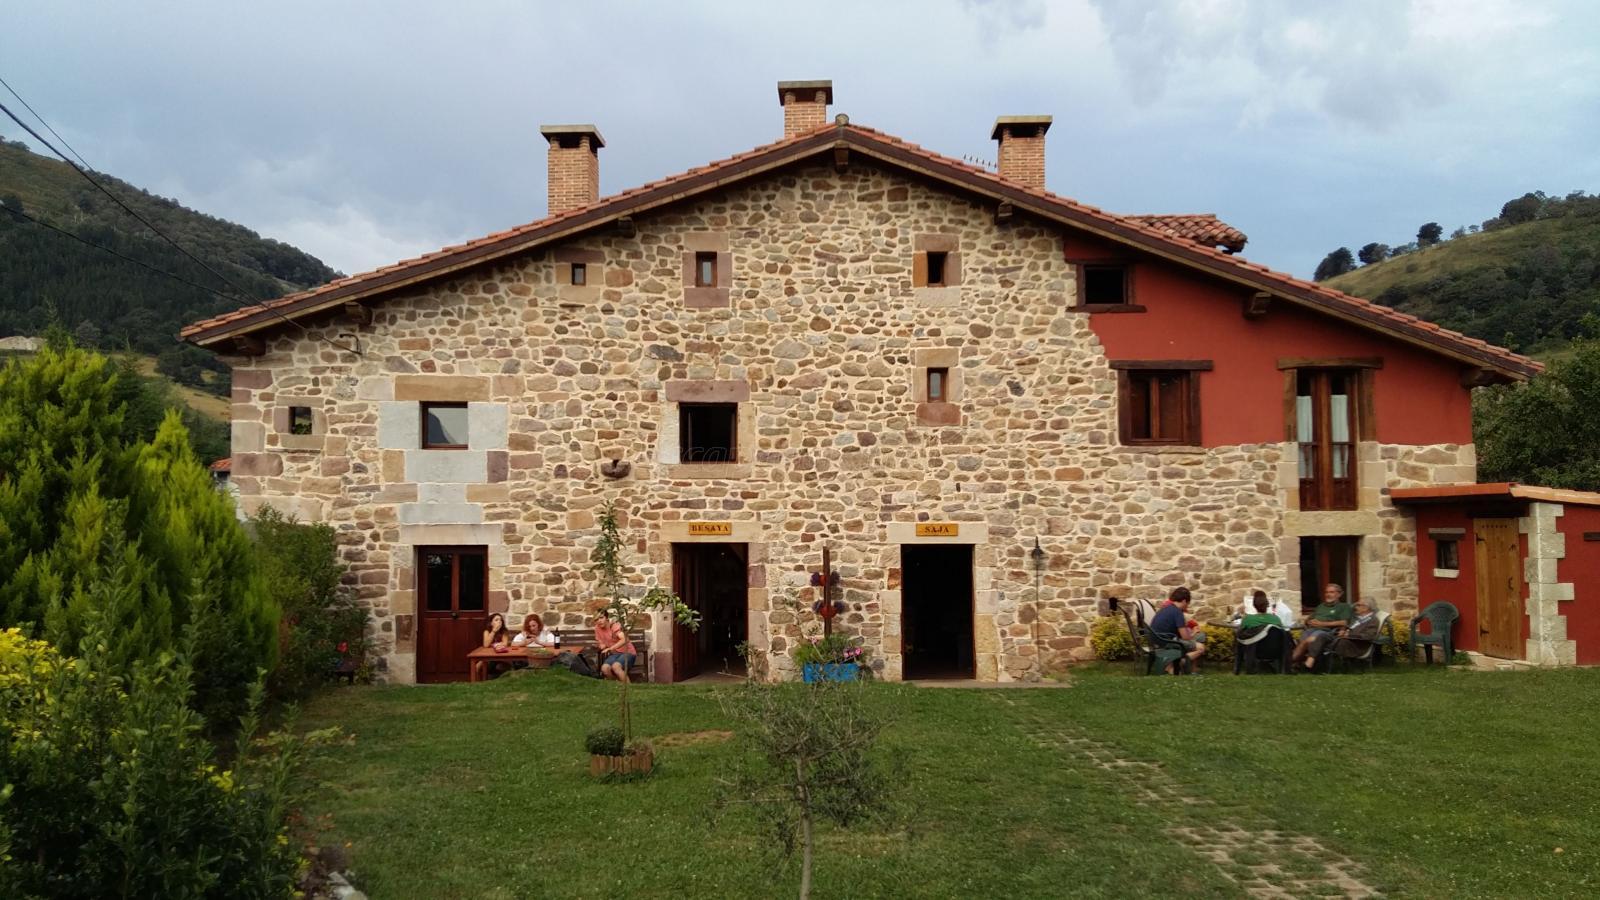 Opiniones sobre casa rural sendero del saja besaya for Casa rural la balconada